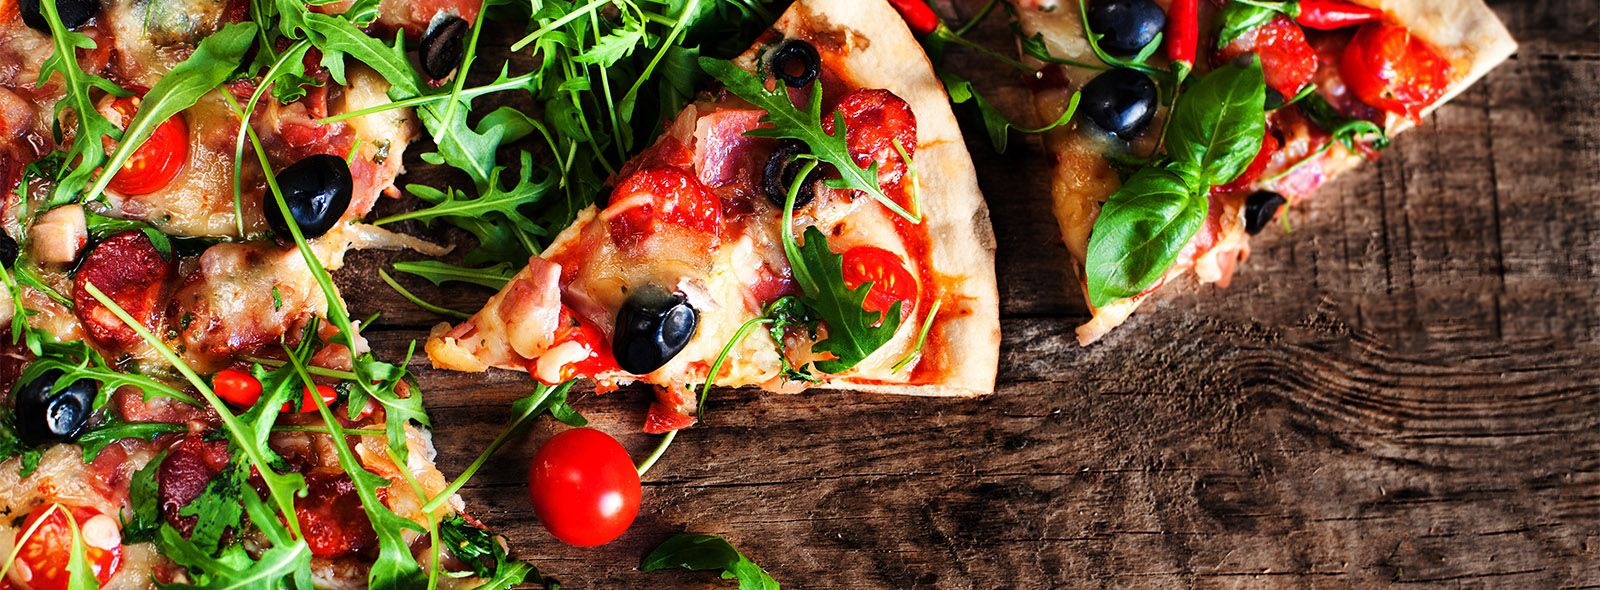 Dove ordinare pizza senza glutine a domicilio a Torino